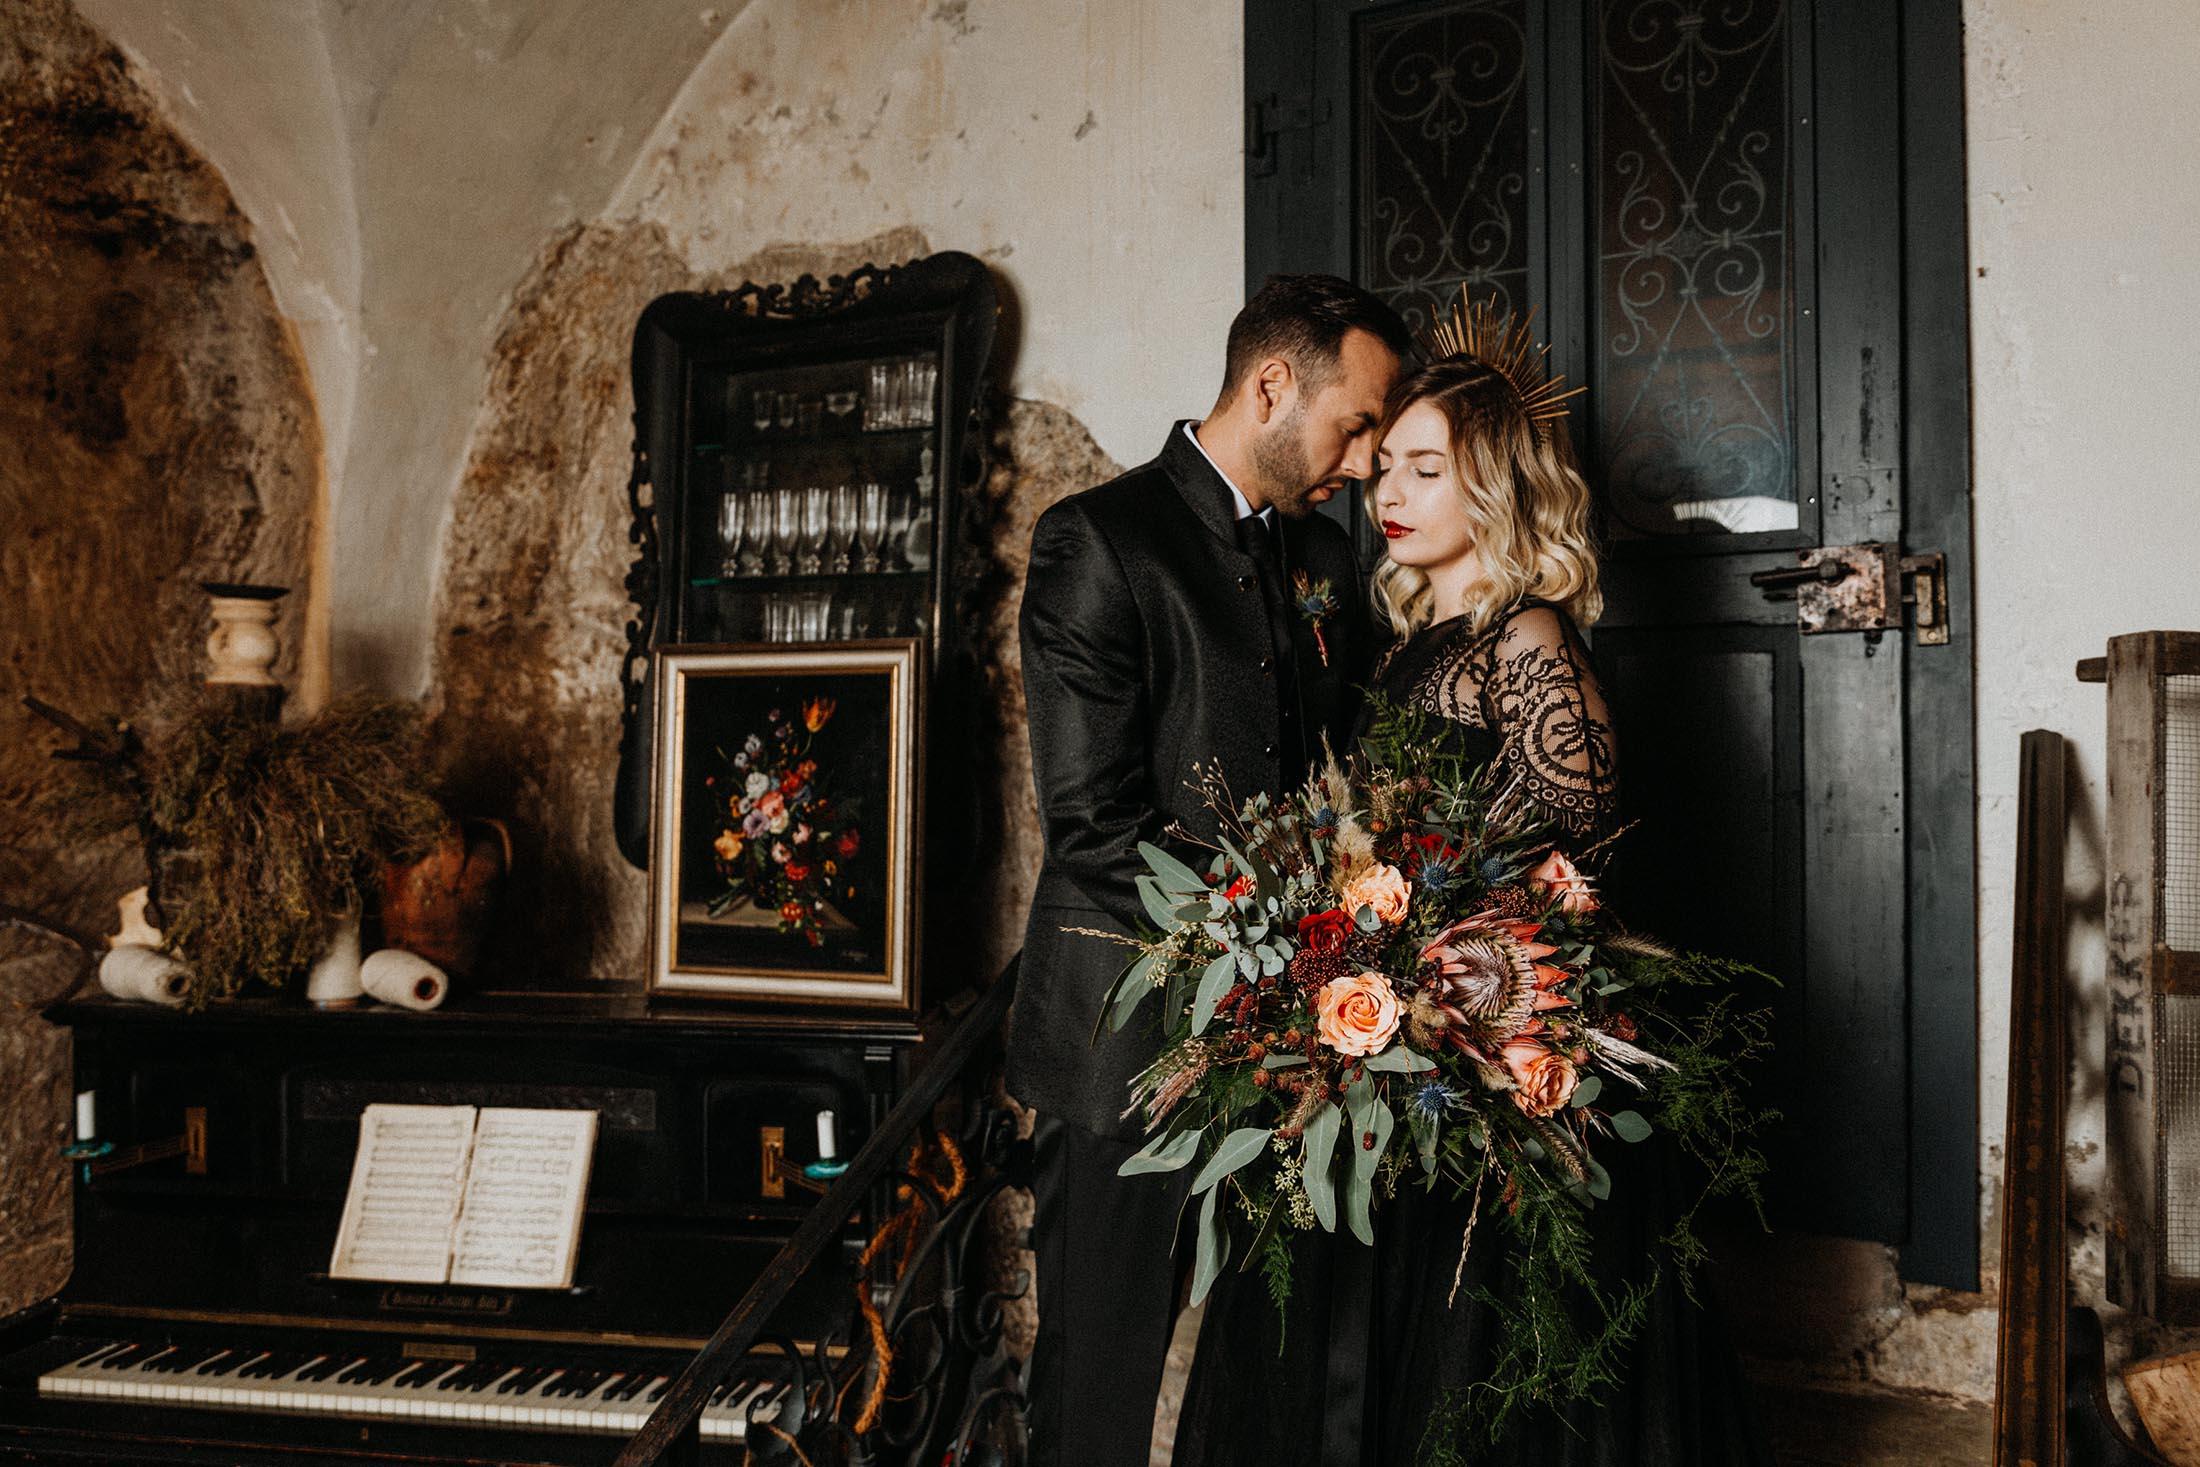 Die Hocheitsfeen – Hochzeitsplanung